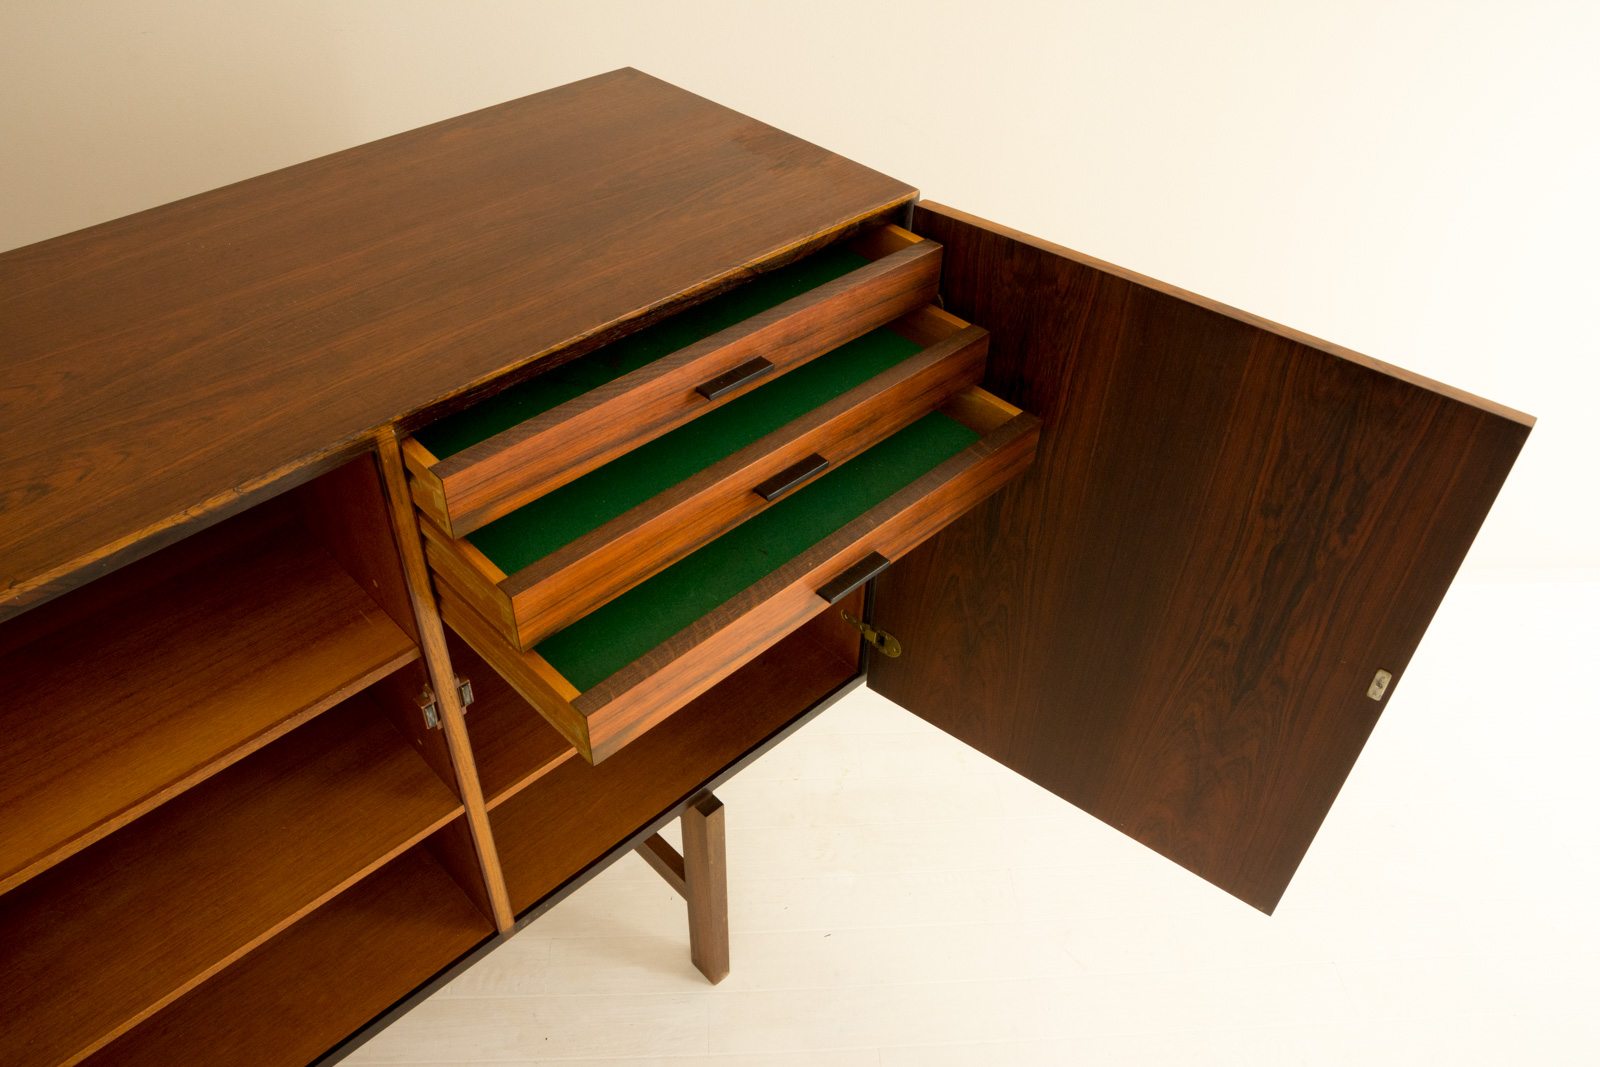 Sideboard by Arne Vodder